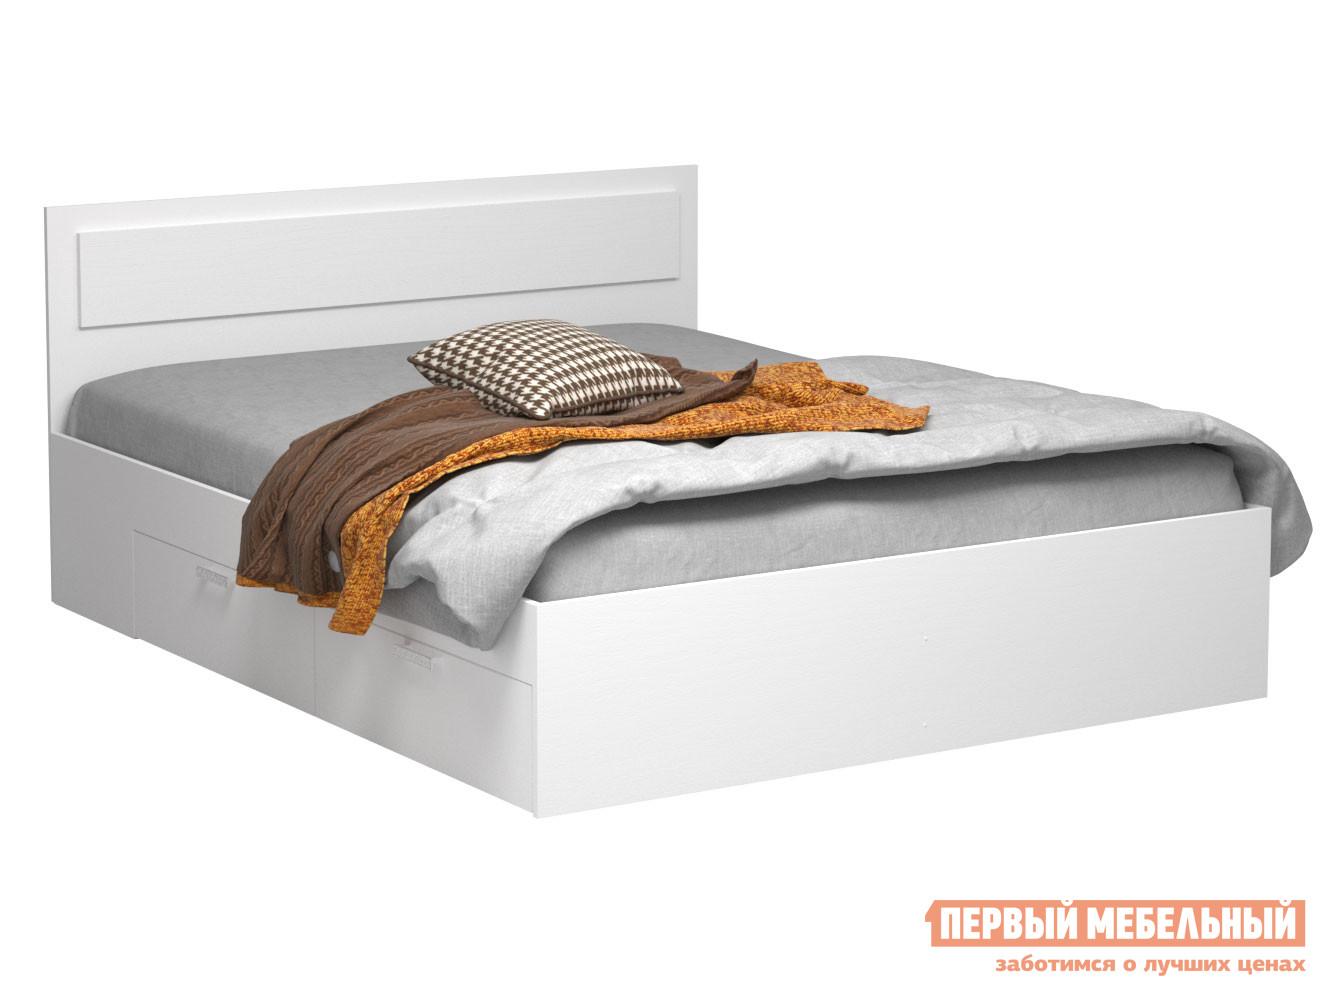 Односпальная кровать  Кровать Жаклин с ящиками Белый, 1200 Х 2000 мм — Кровать Жаклин с ящиками Белый, 1200 Х 2000 мм